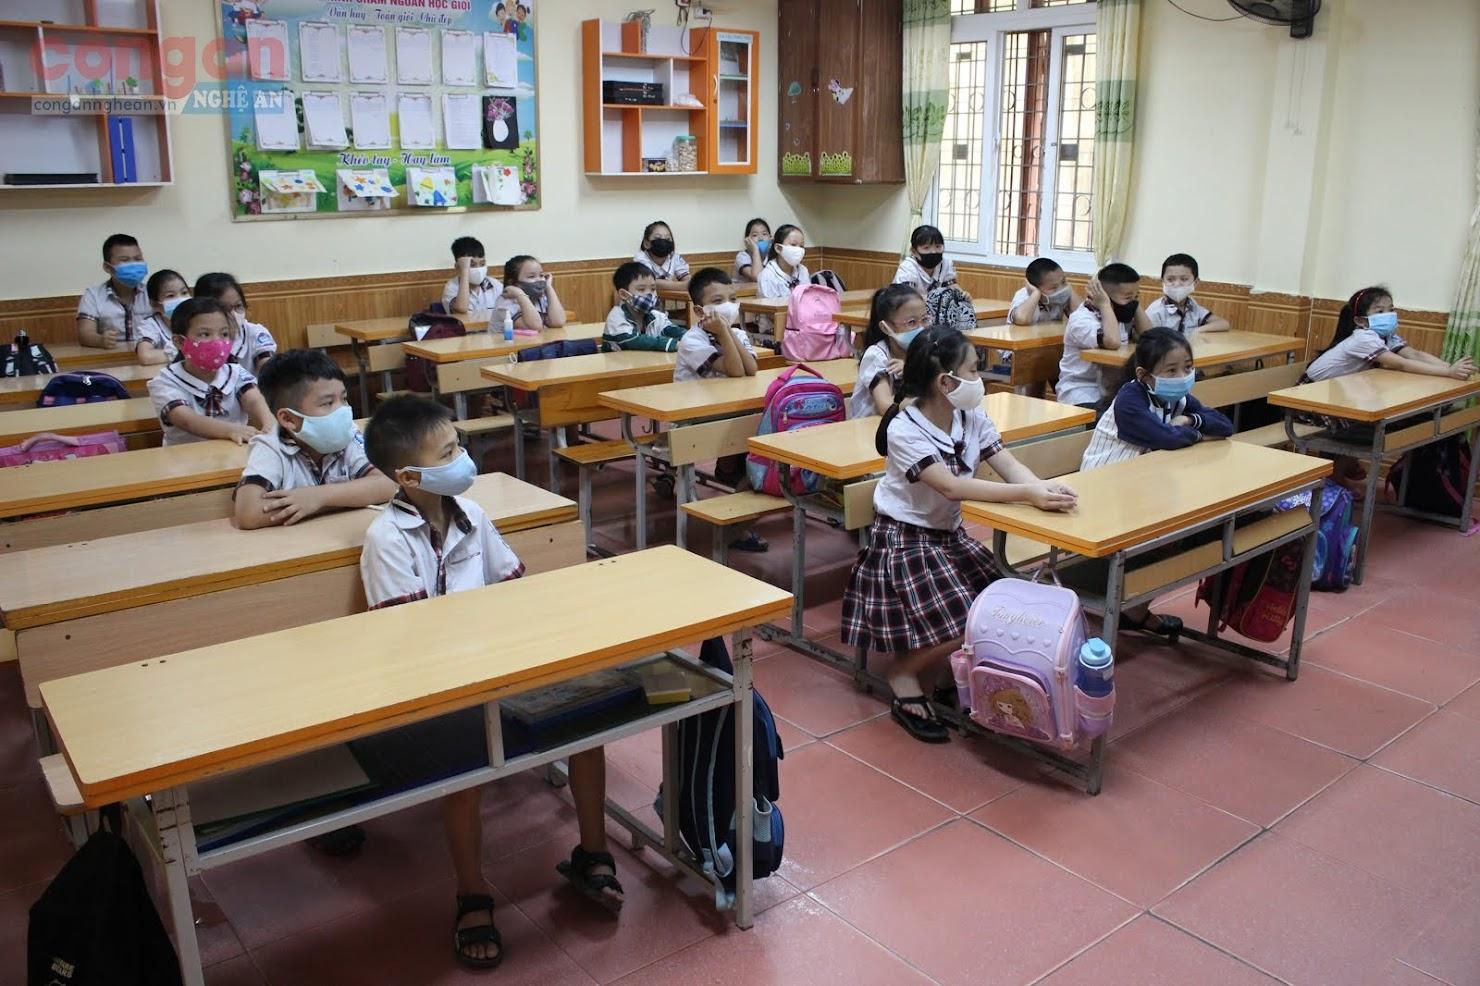 Mỗi lớp, học sinh giãn cách nhau 1,5 mét theo đúng quy định